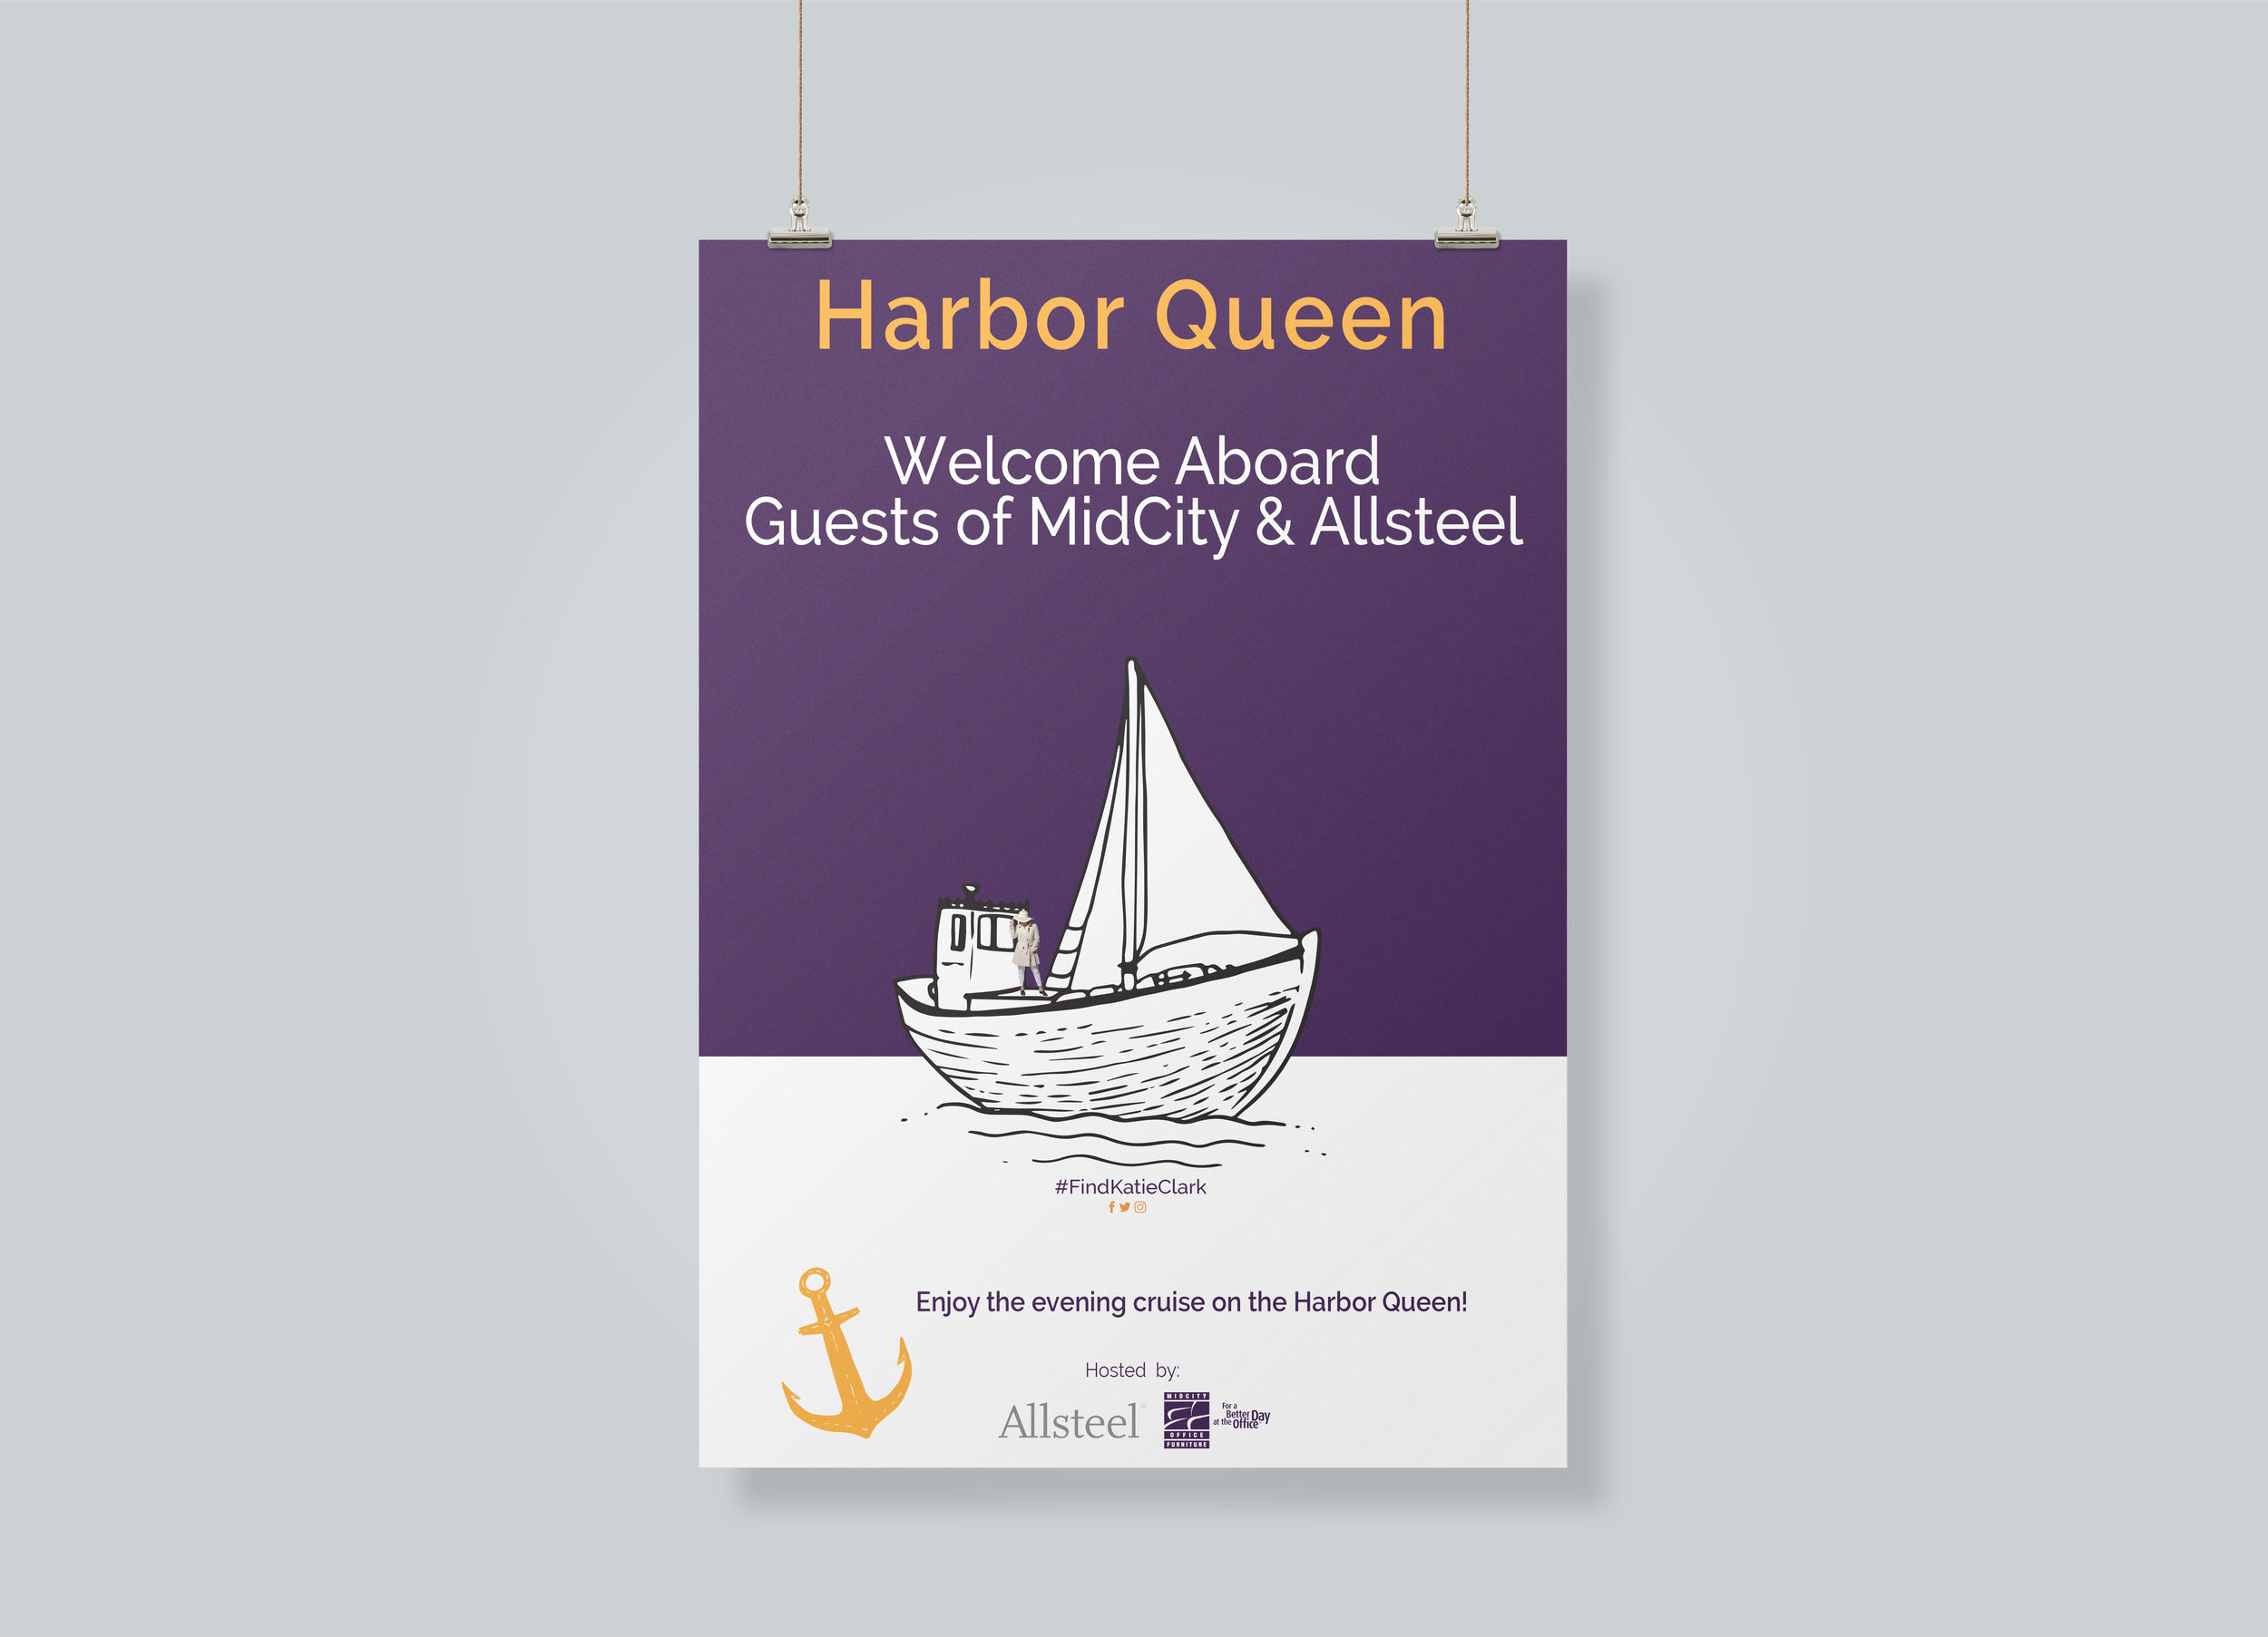 midcity event poster mockup.jpg